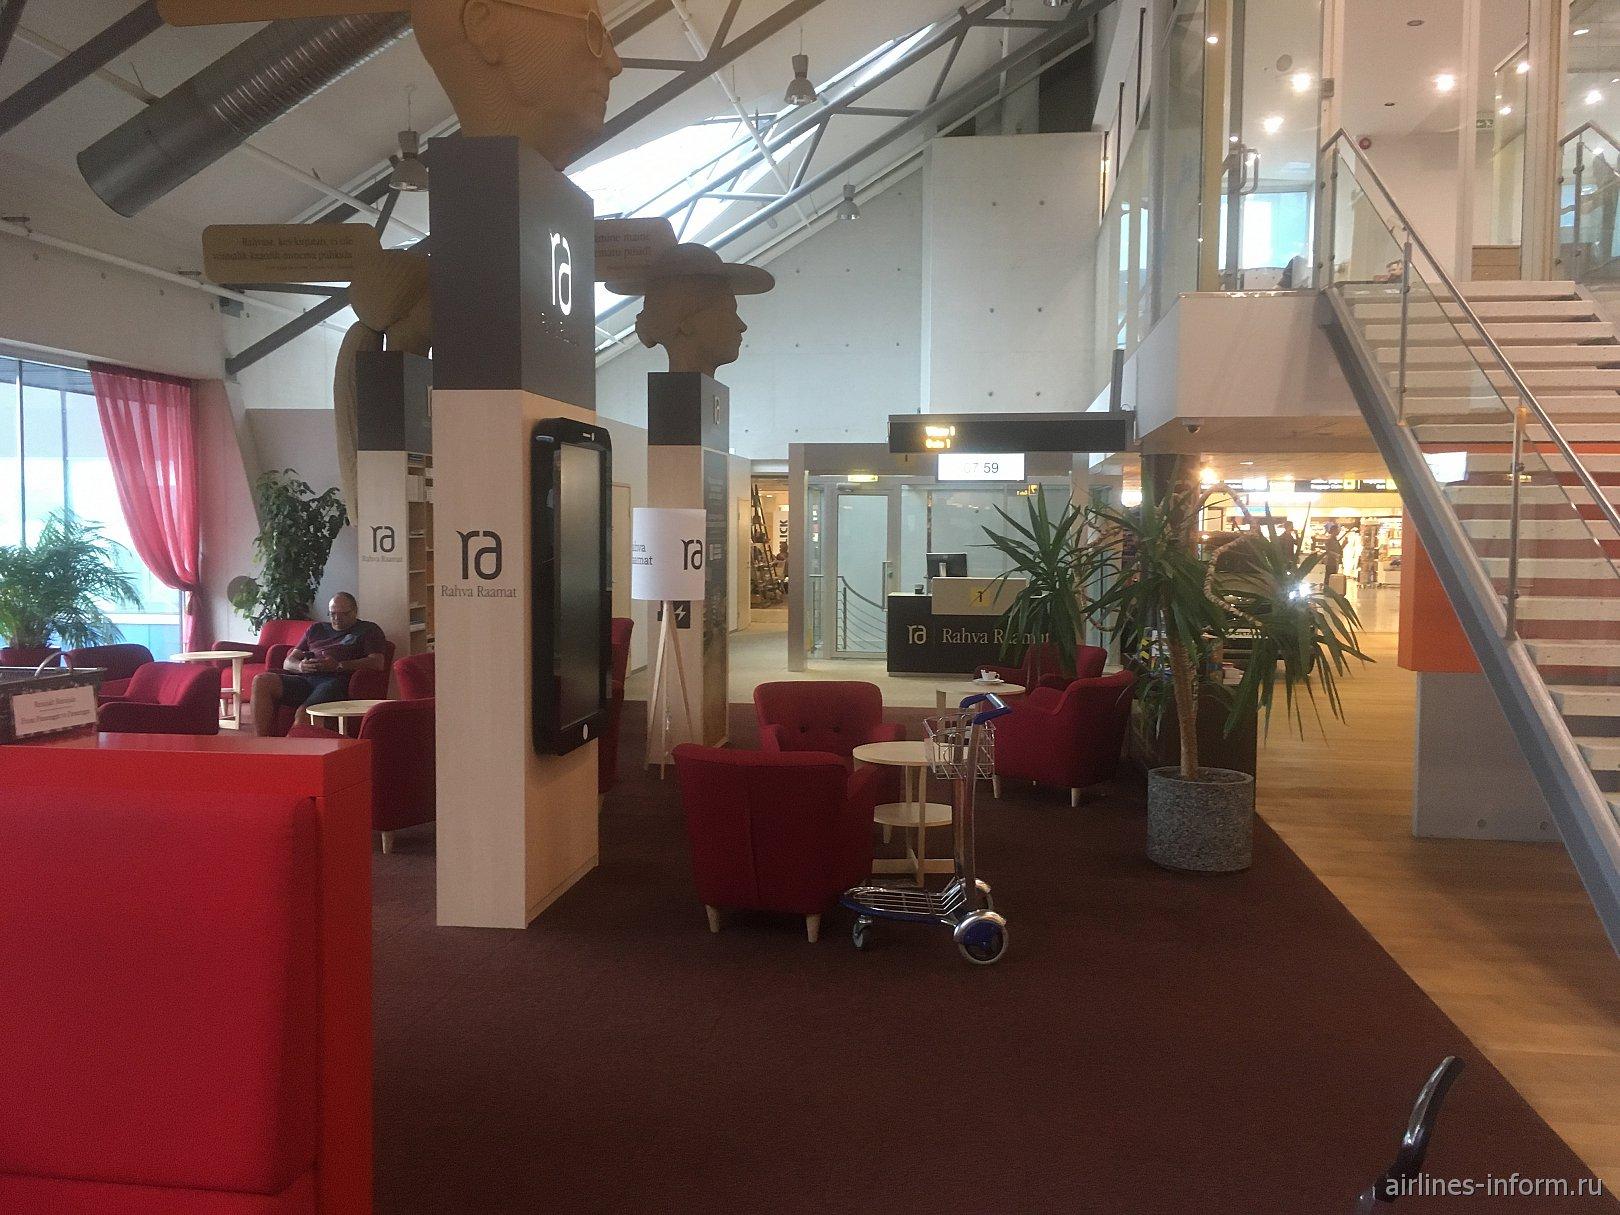 Зона ожидания у гейта 1 в чистой зоне аэропорта Таллин